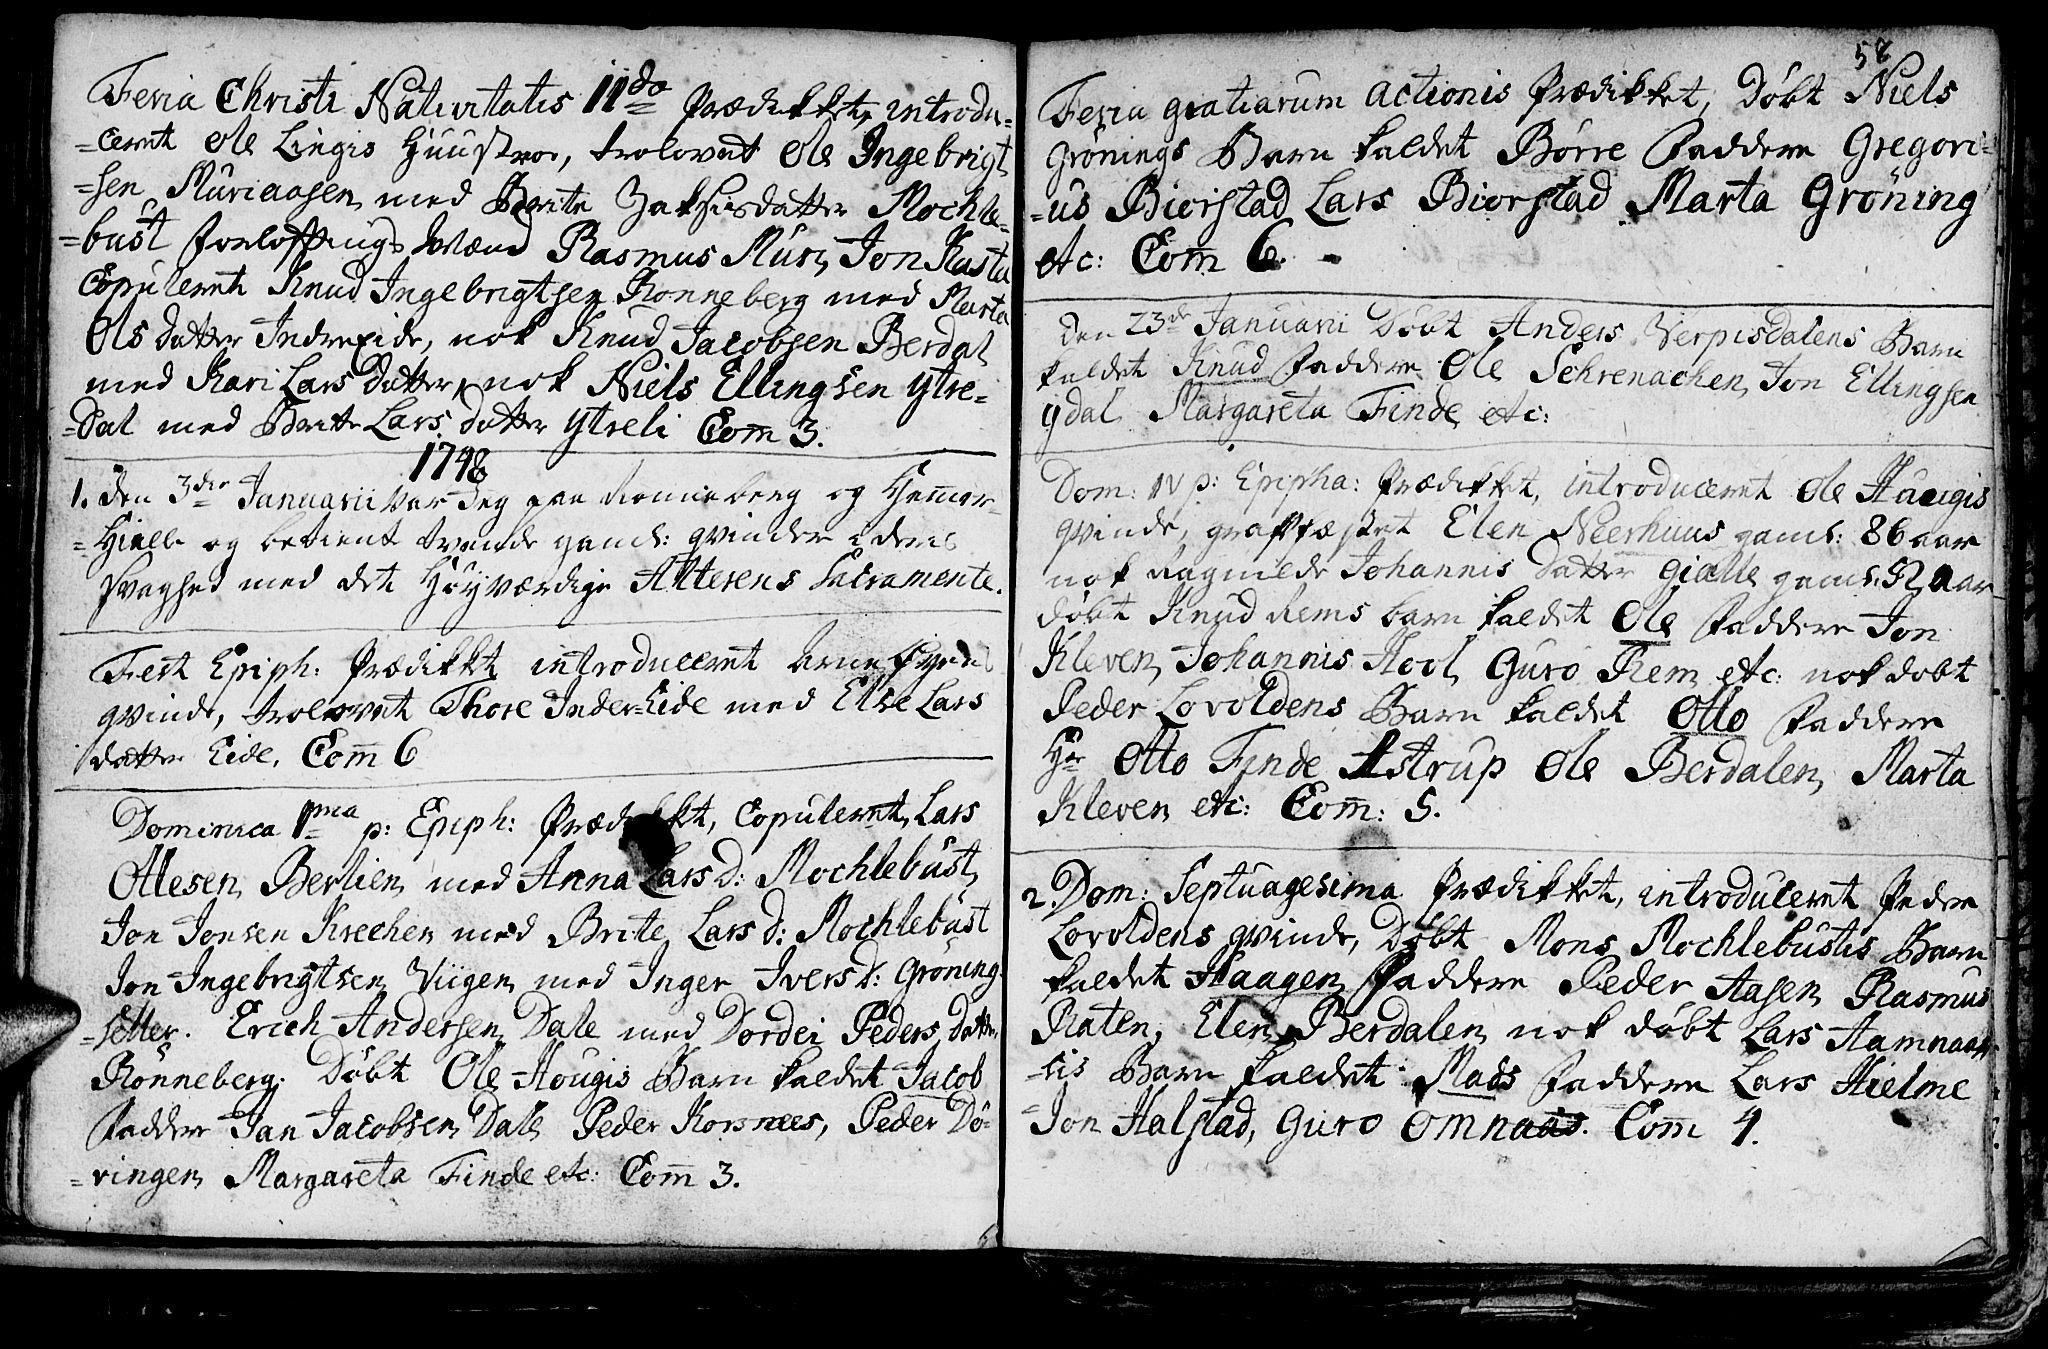 SAT, Ministerialprotokoller, klokkerbøker og fødselsregistre - Møre og Romsdal, 519/L0240: Ministerialbok nr. 519A01 /1, 1736-1760, s. 58